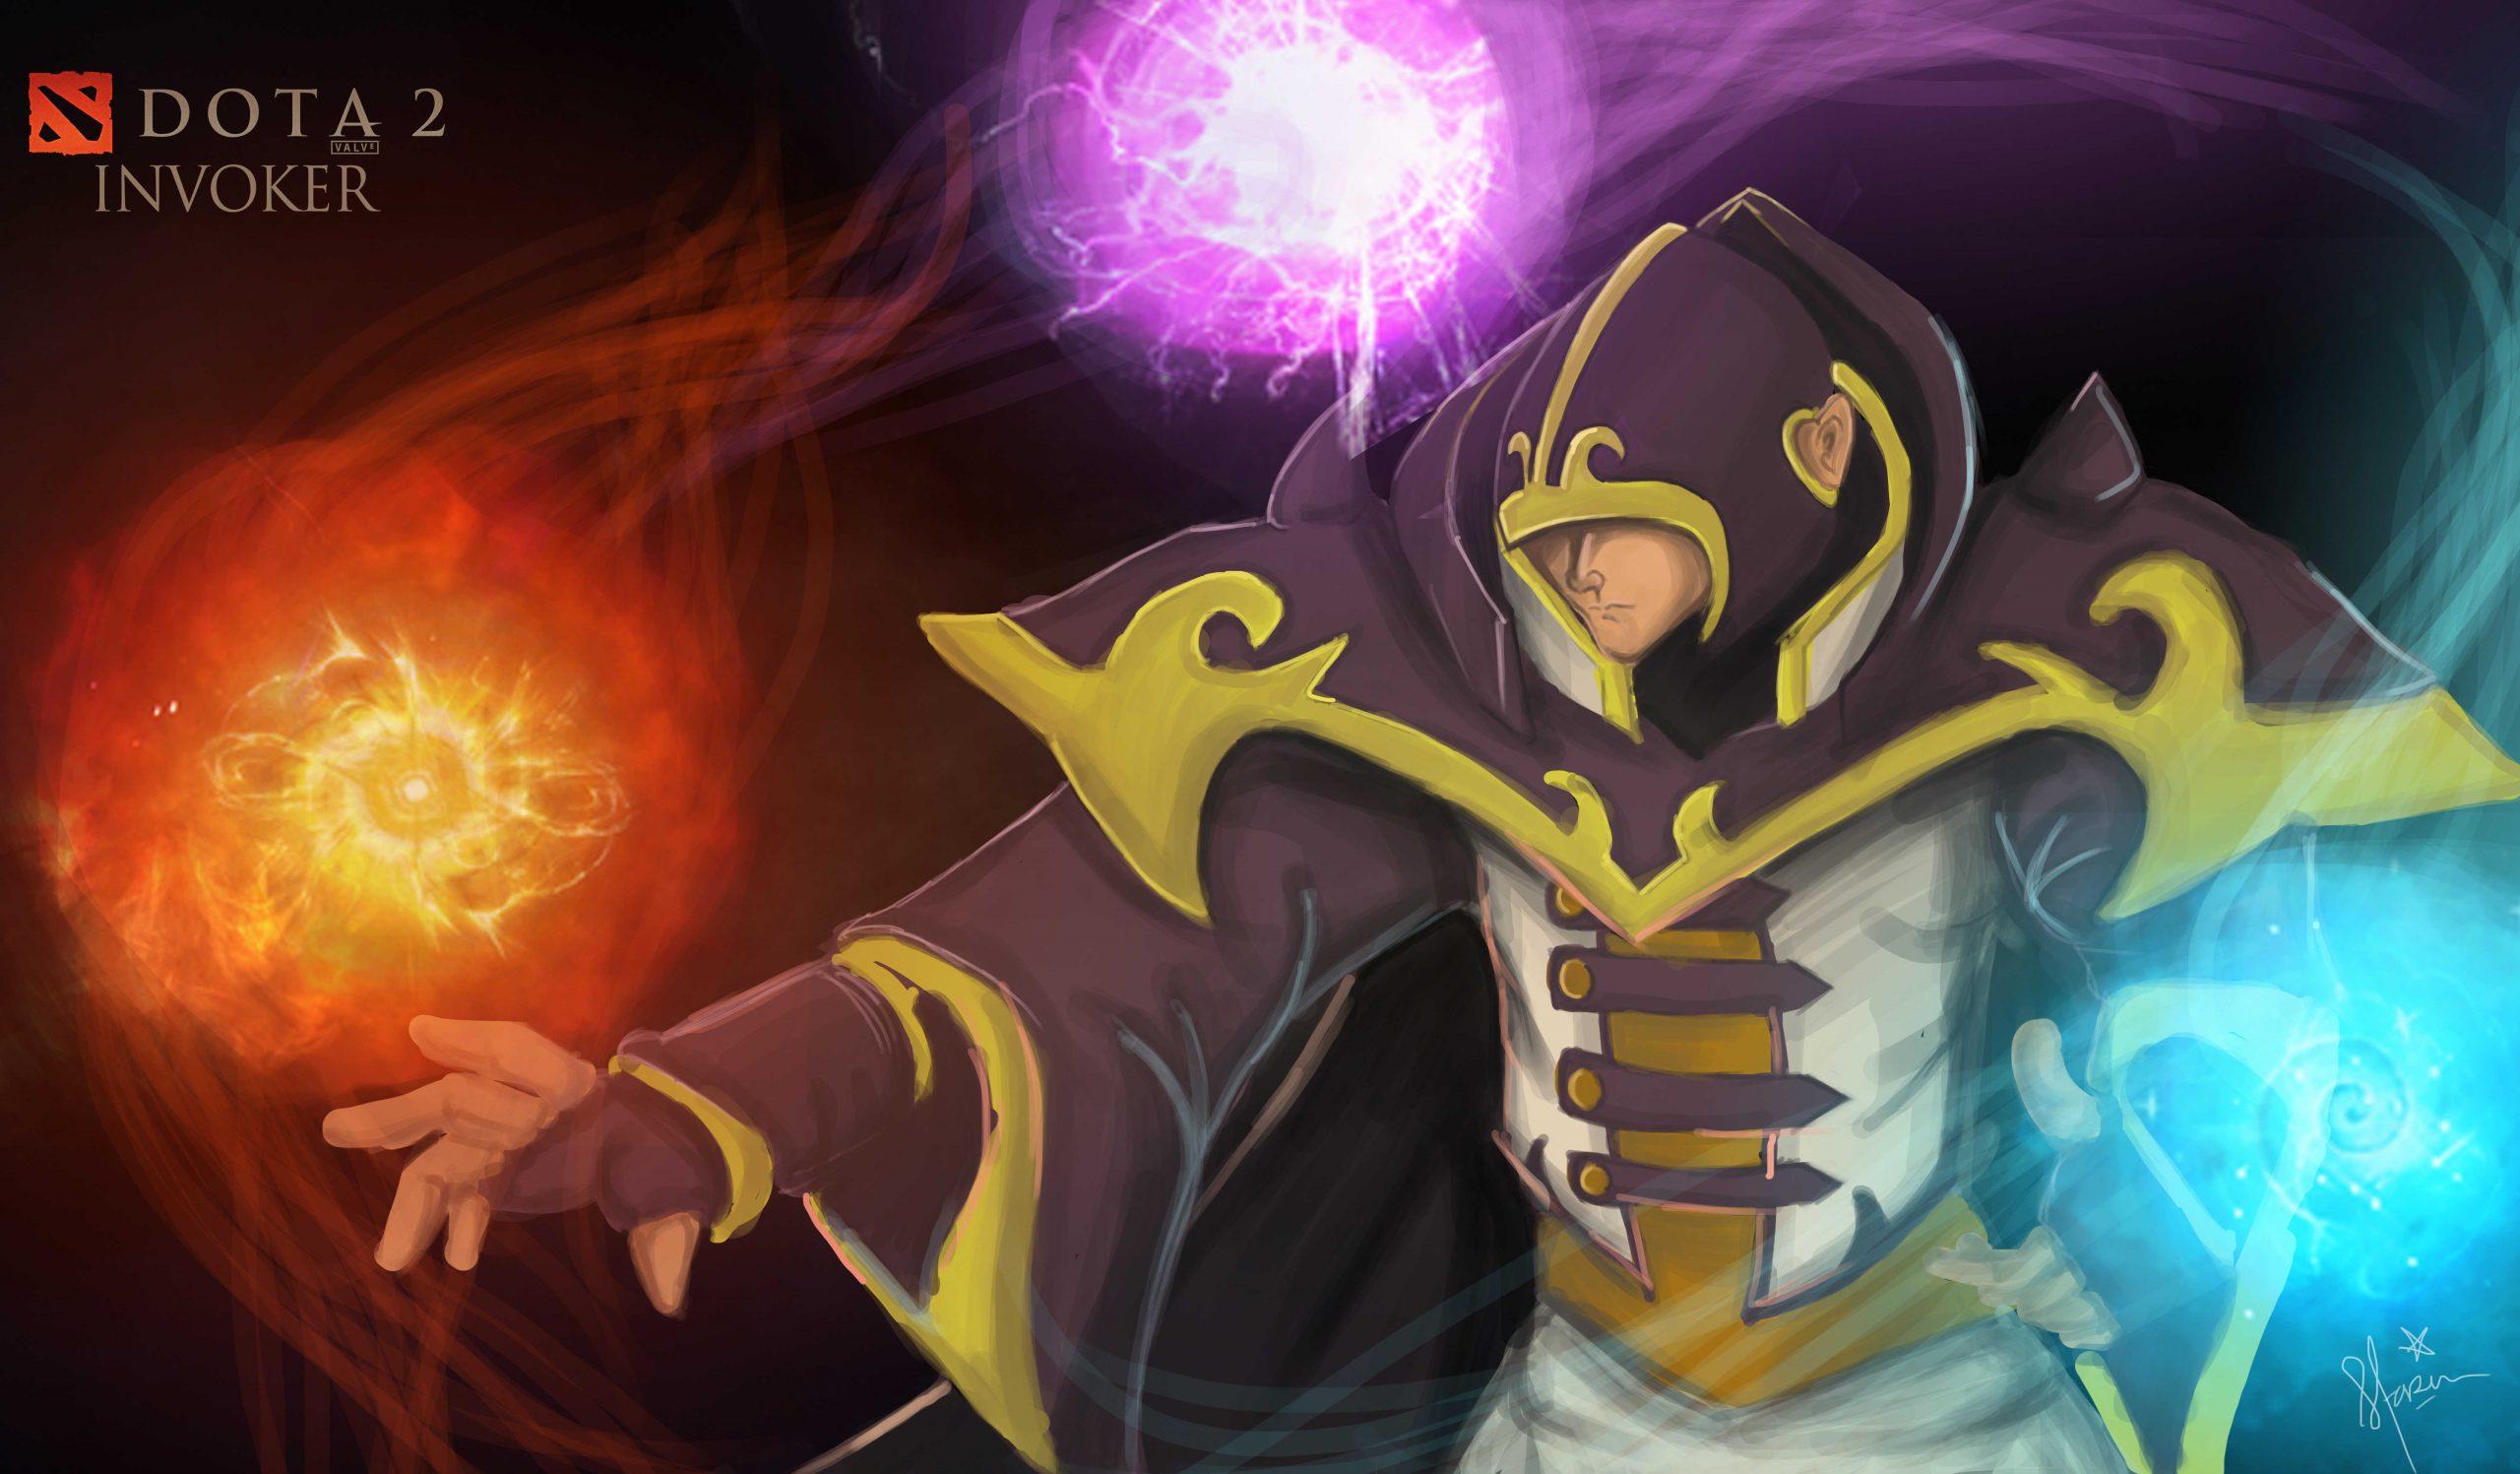 Dota 2 Hero The Templar Assassin 4k Ultra Hd Wallpaper For High Resolution Lanaya